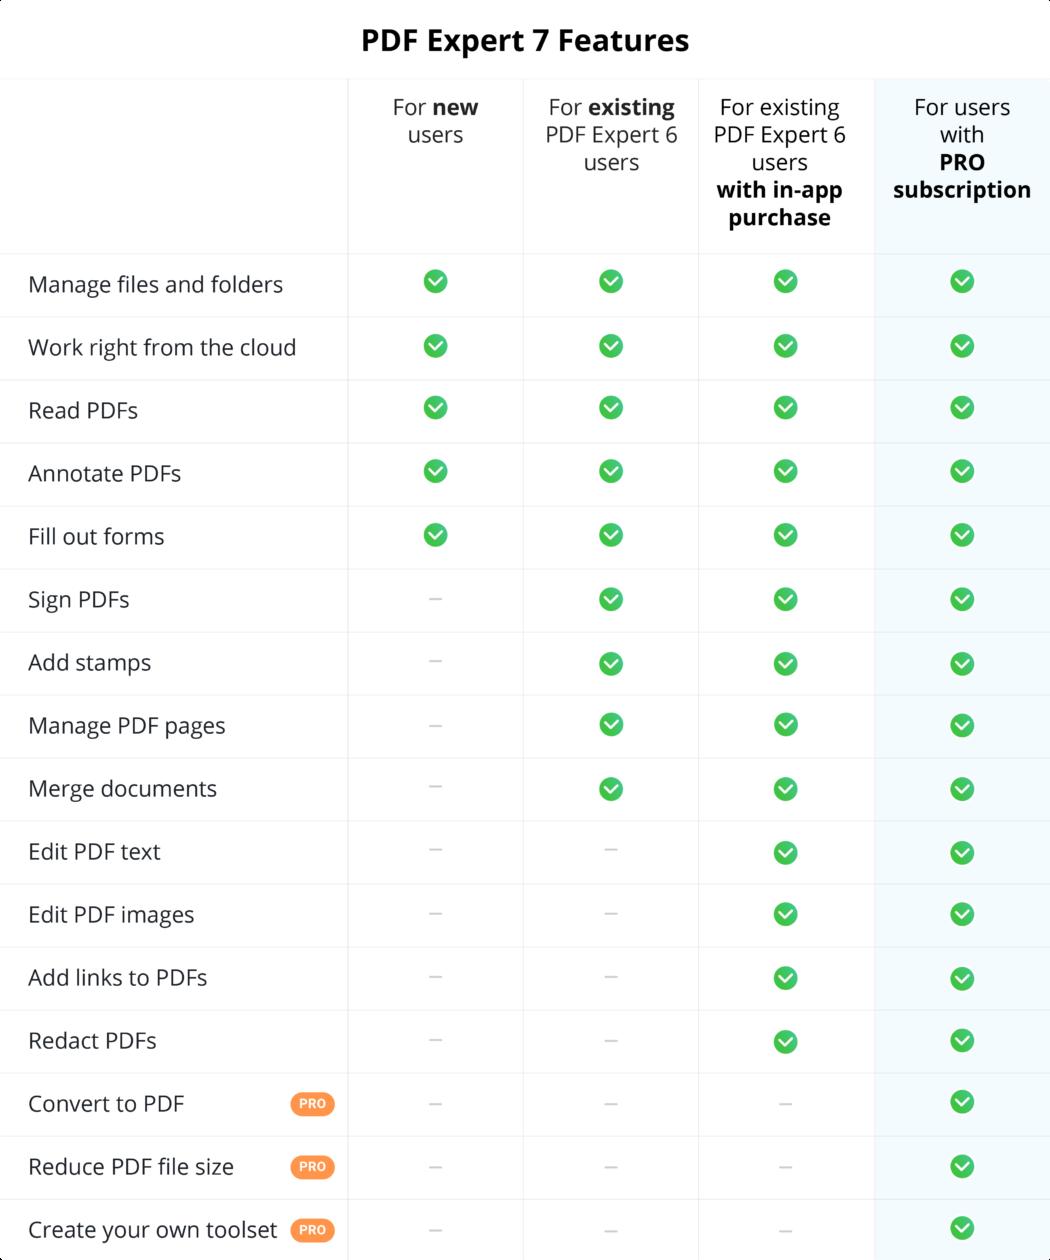 PDF Expert 7 Feature List